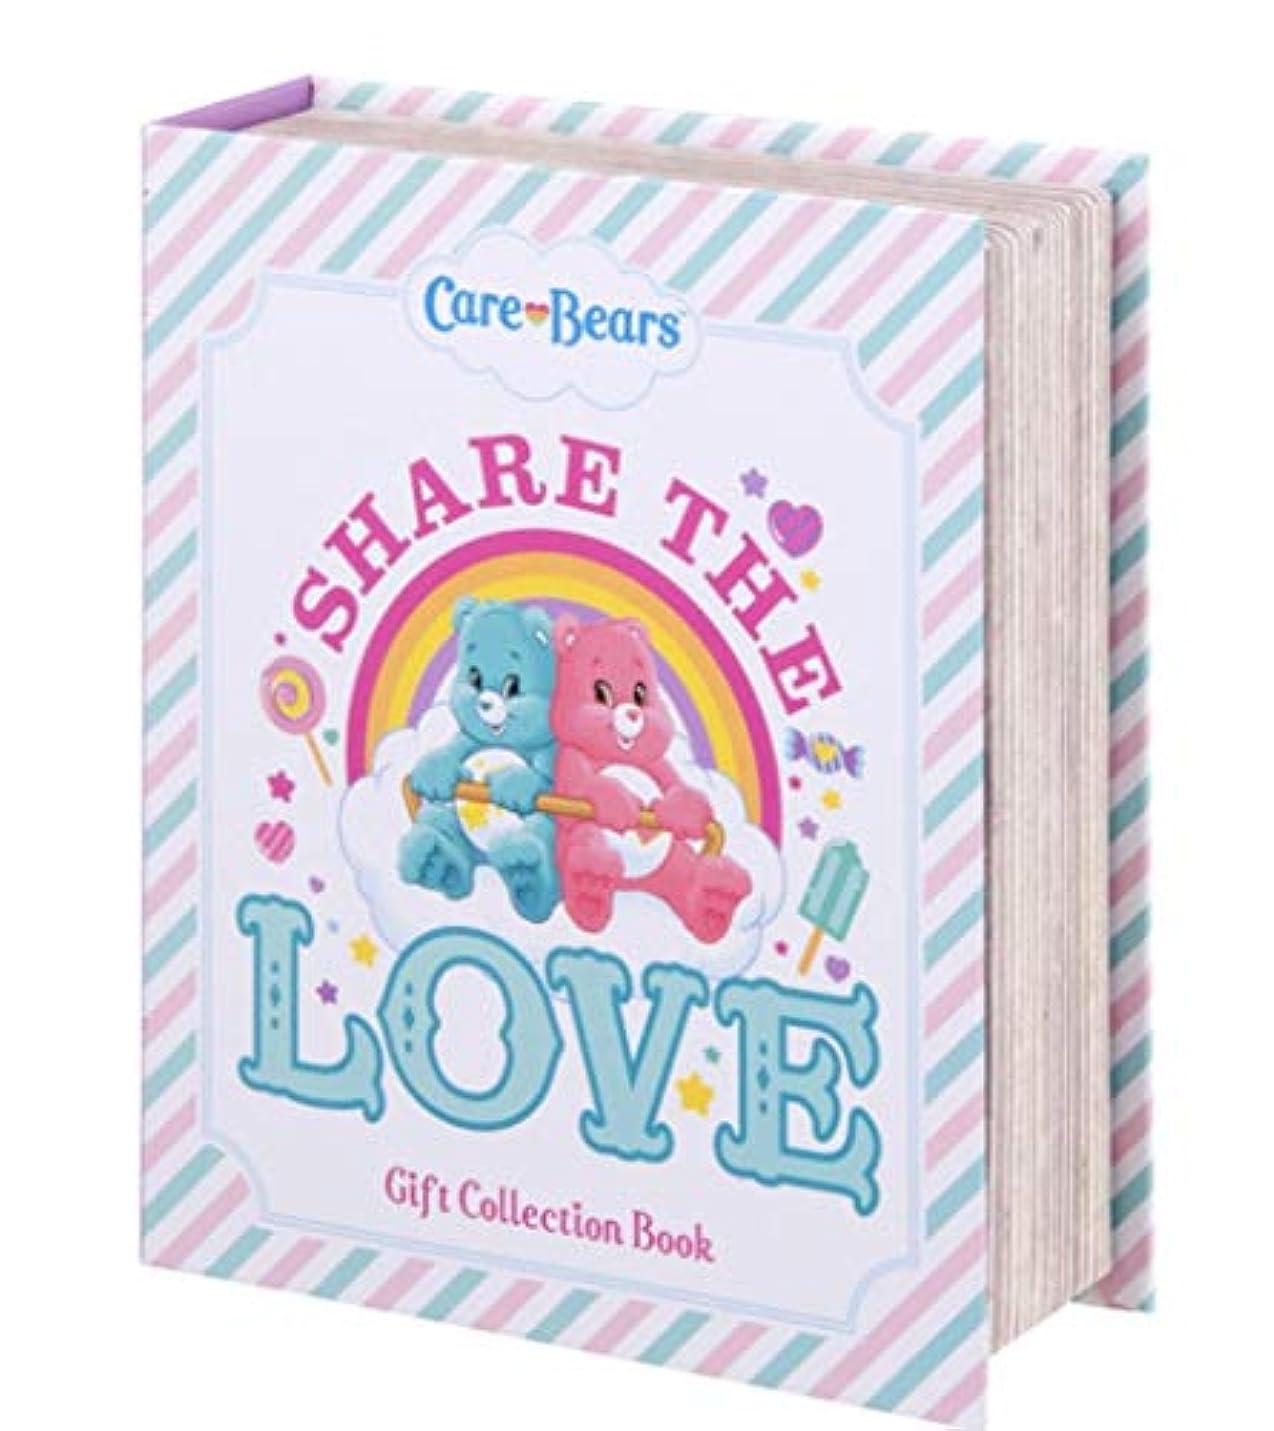 小競り合いオプションリゾートケアベア Care Bears ボディケア ギフトコレクションブック Gift Collection Book Body Care Coffret